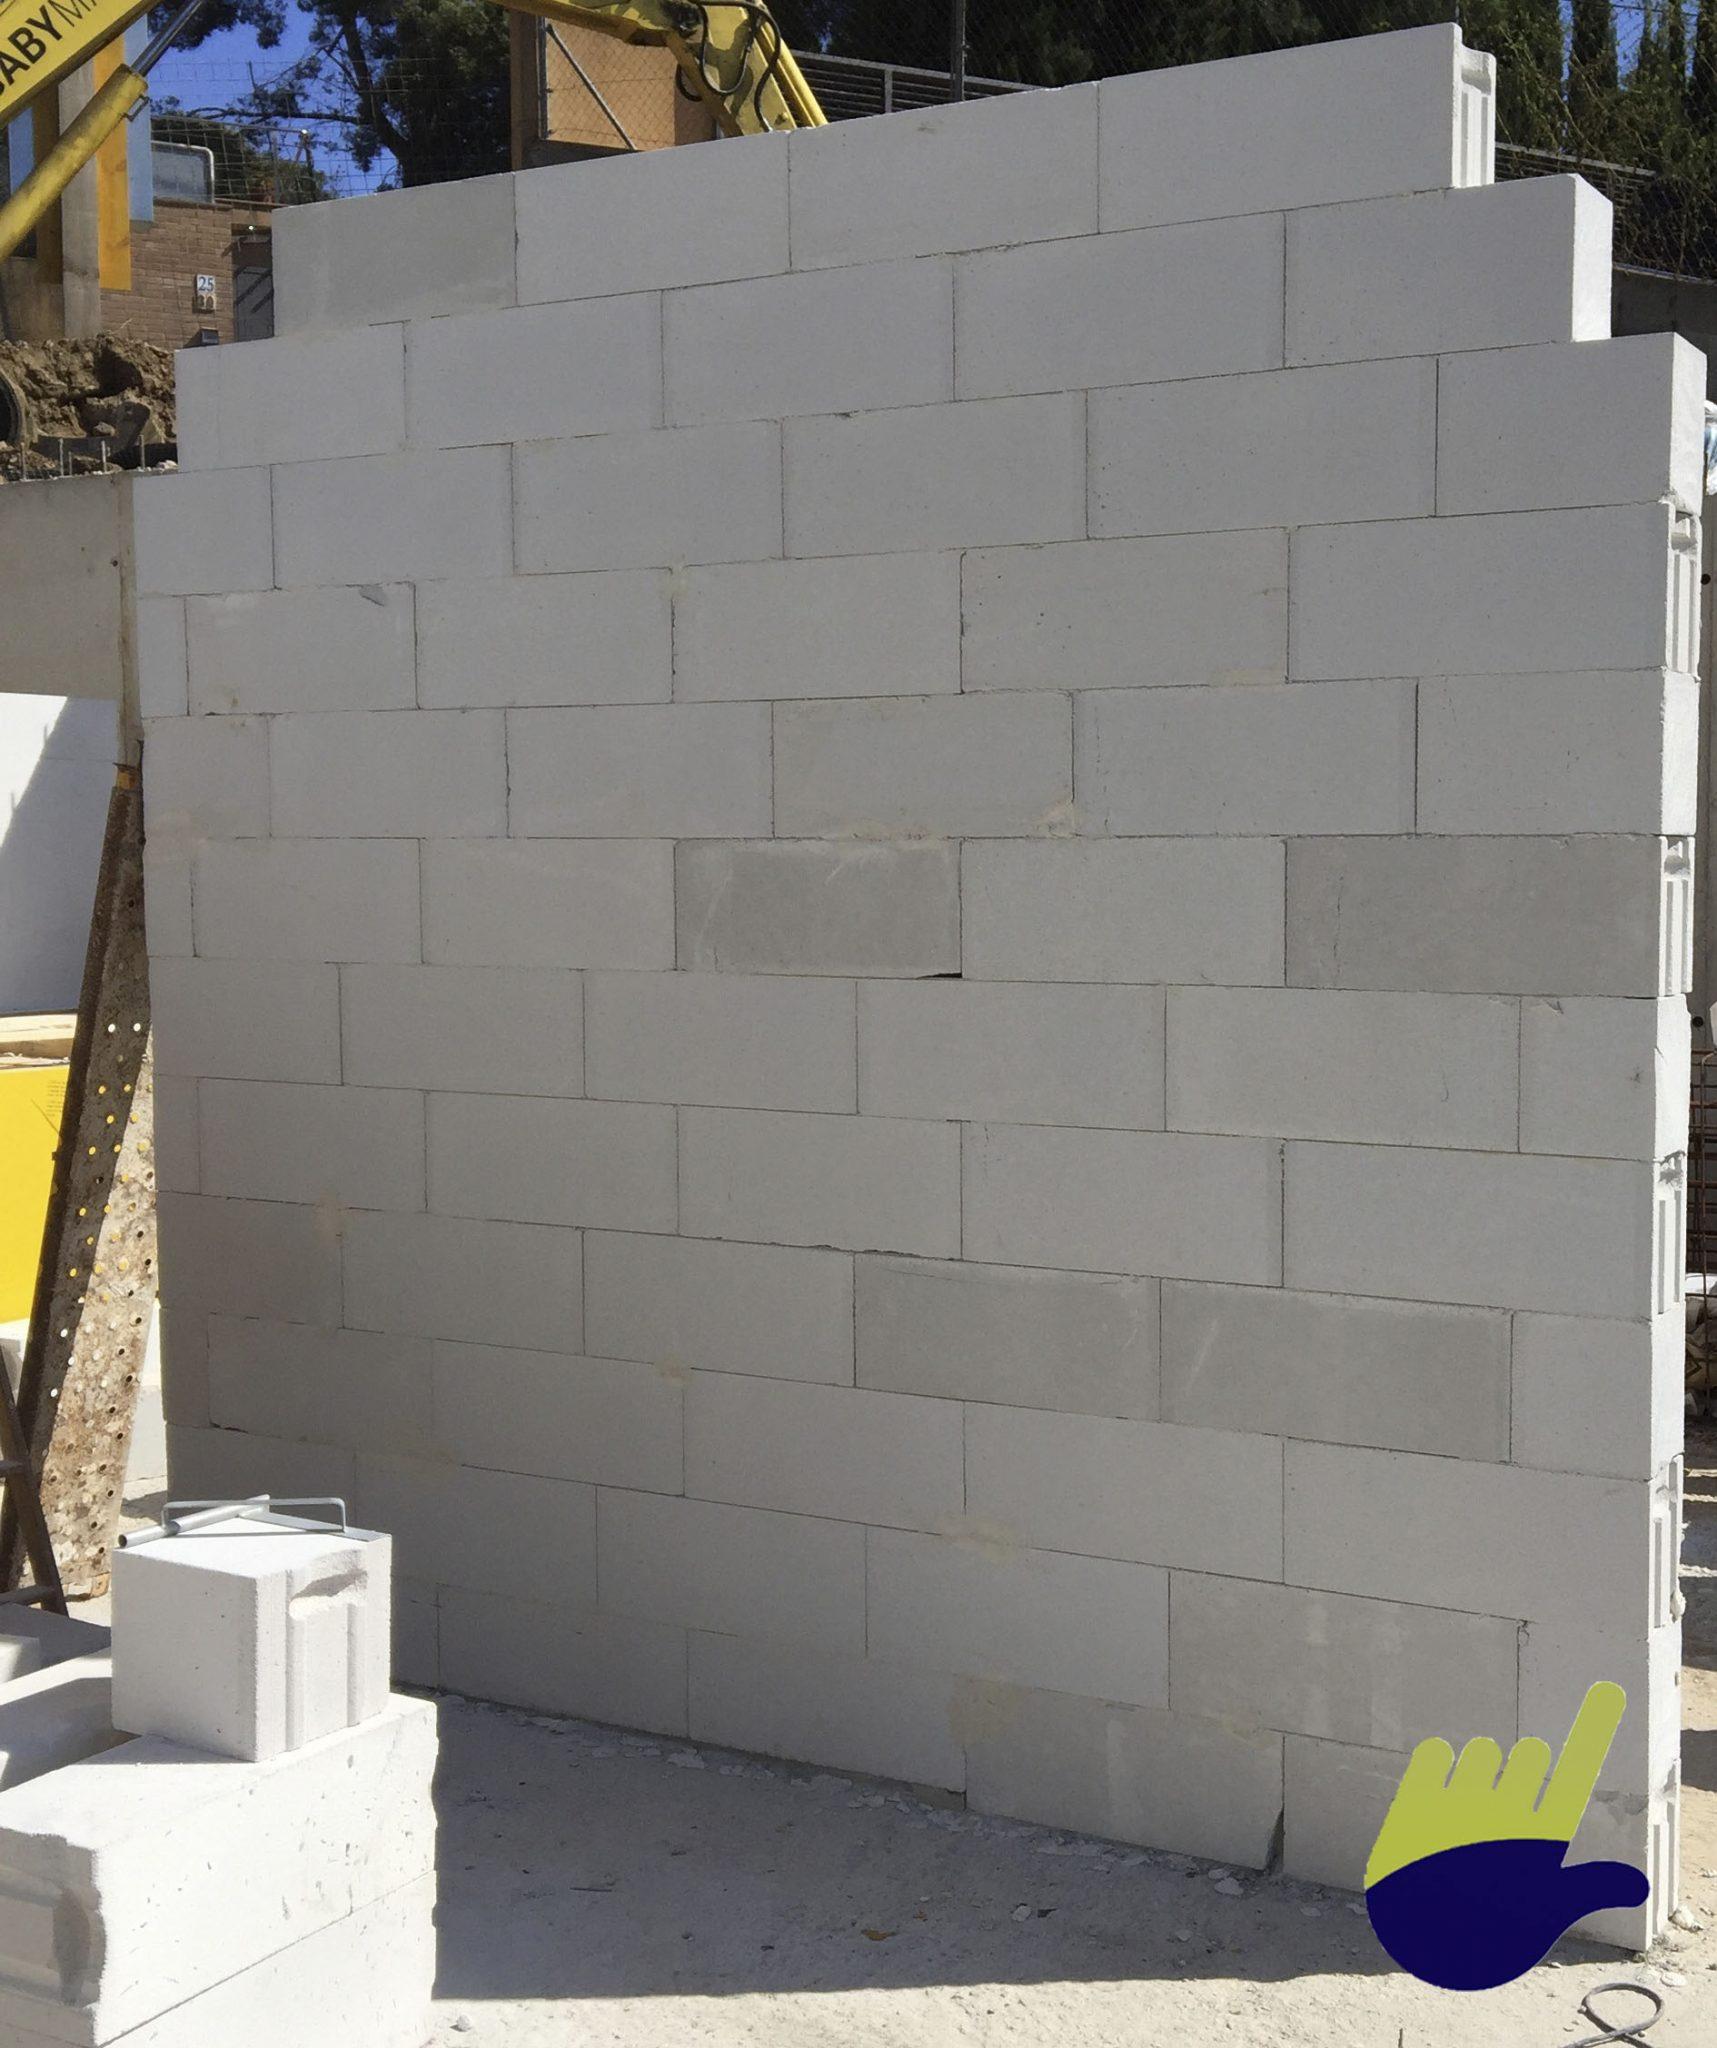 Casa hormigon celular con bloque ytong construimos tu casa - Casas hormigon celular ...